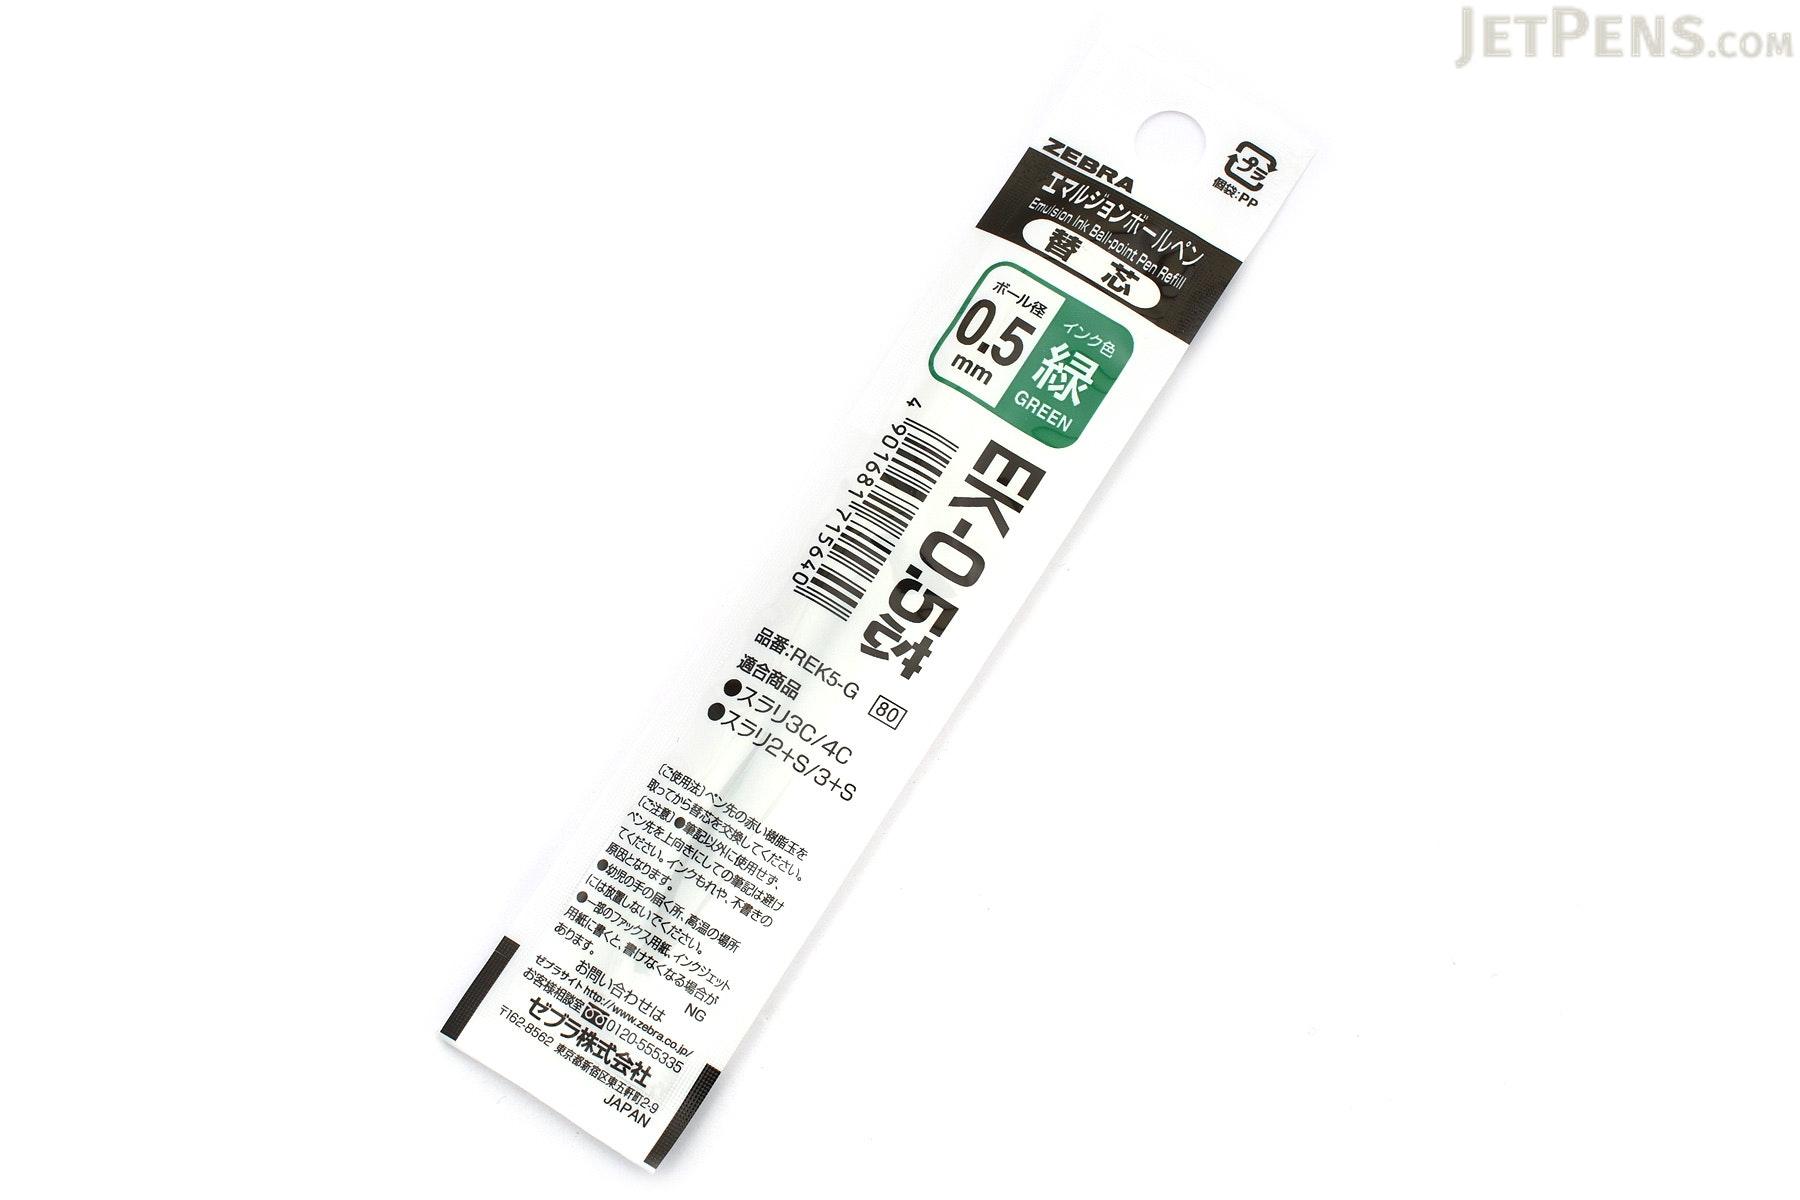 Zebra EK-0.5 Surari Emulsion Ink Multi Pen Refill - 0.5 mm - Green - ZEBRA REK5A-G